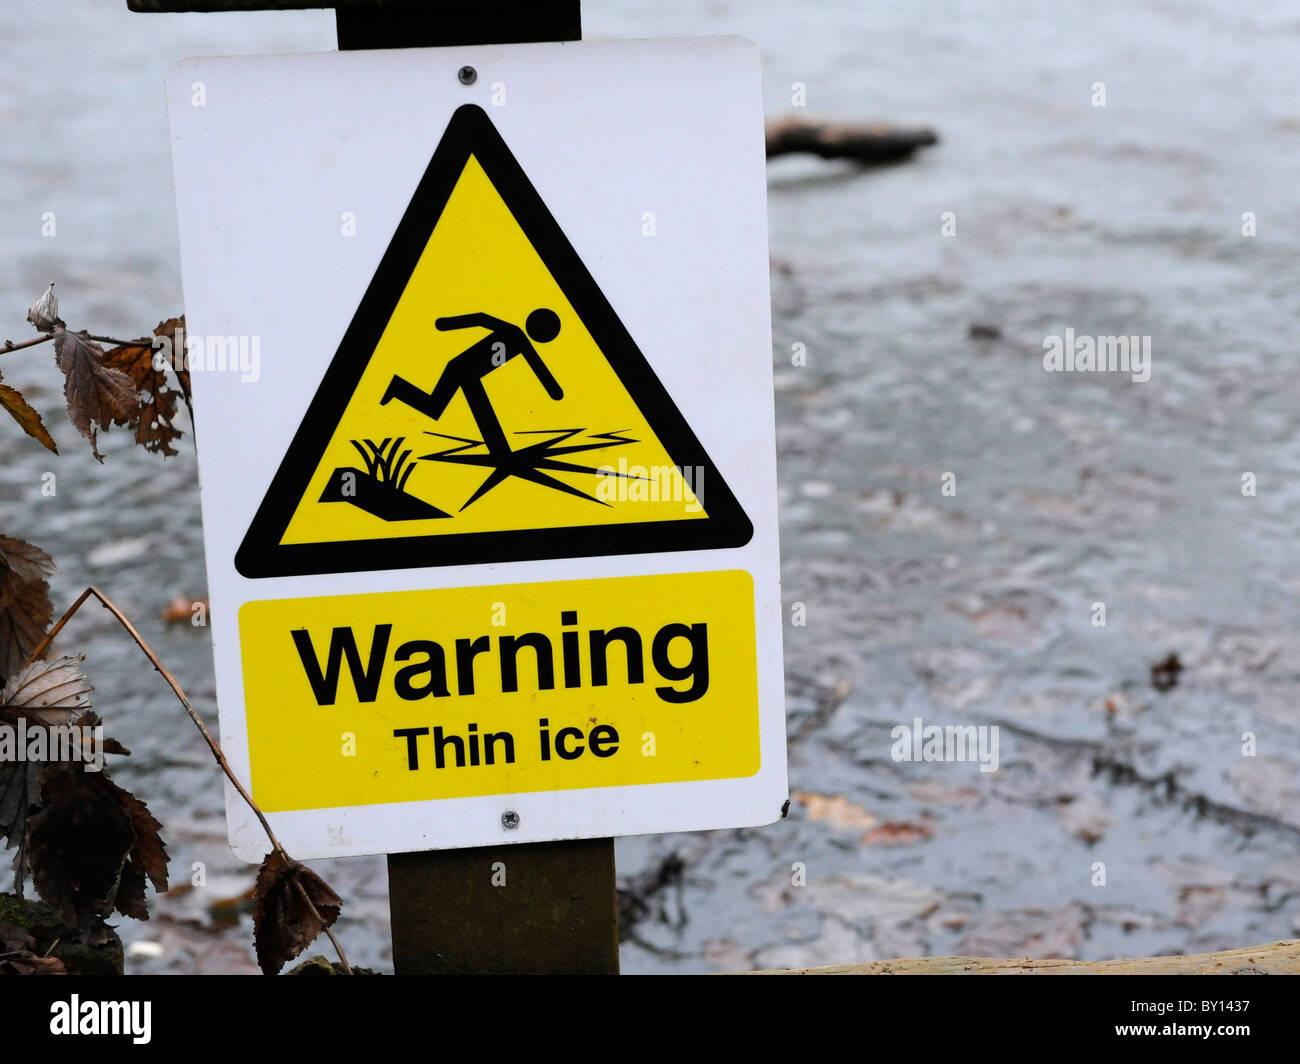 Warnzeichen, die Warnung dünnem Eis sagt. Stockbild